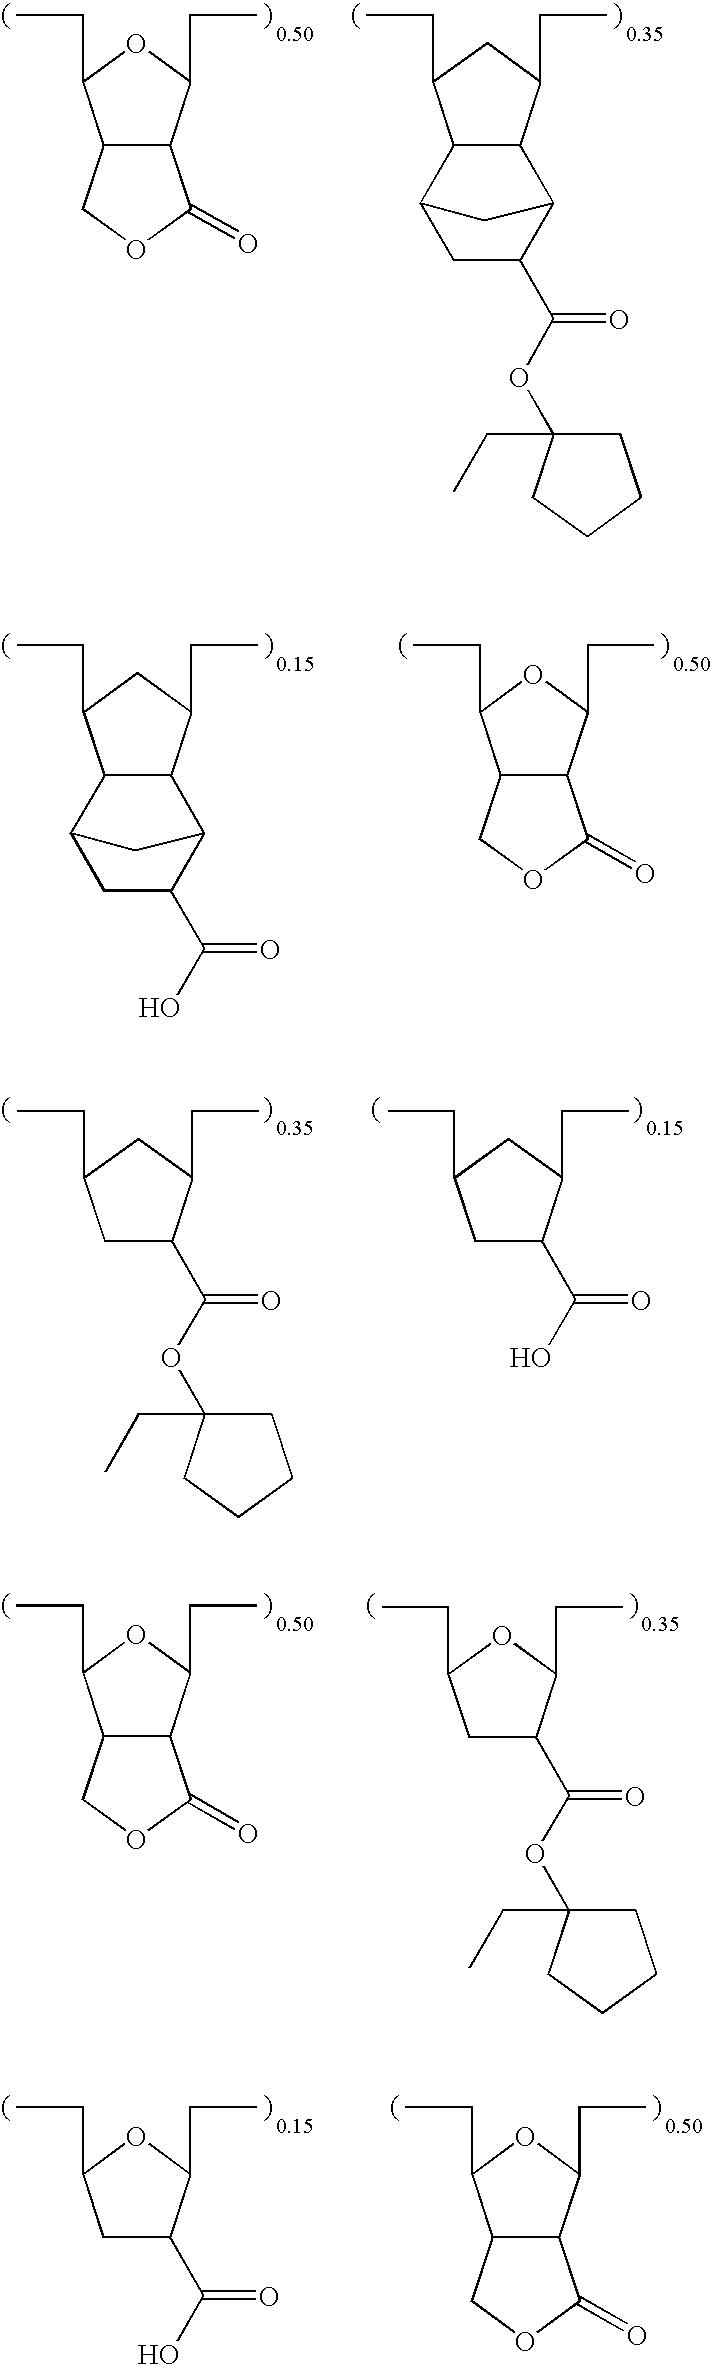 Figure US07537880-20090526-C00057